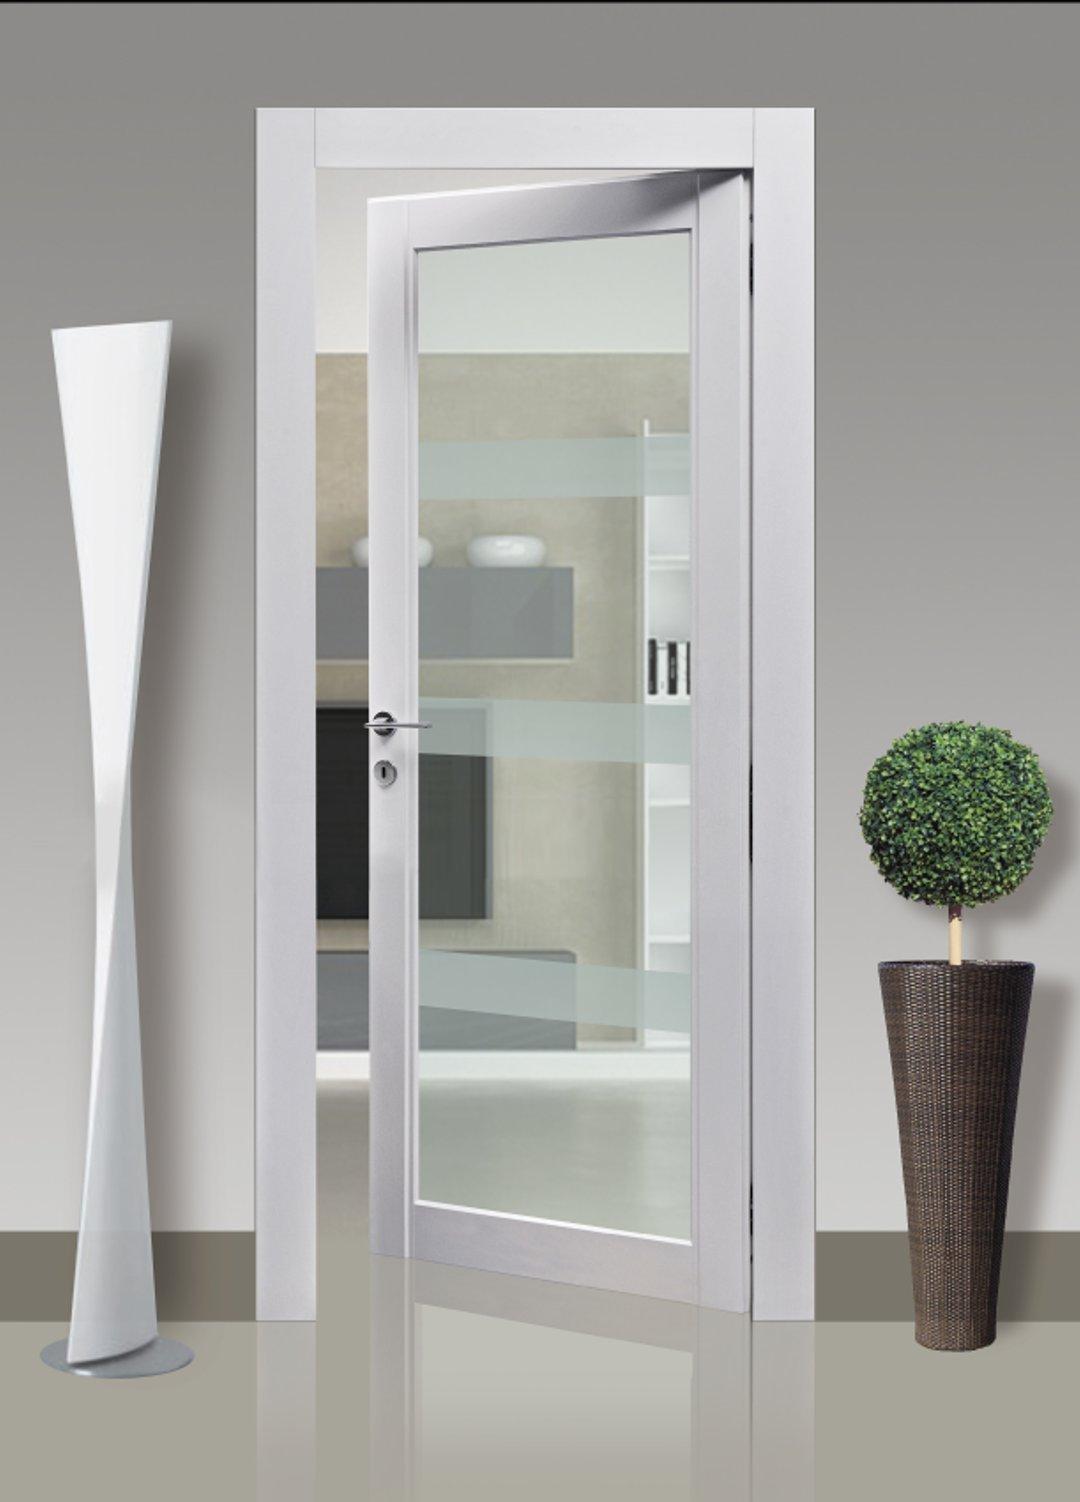 pino_spazzolato_laccato con porta a vetro